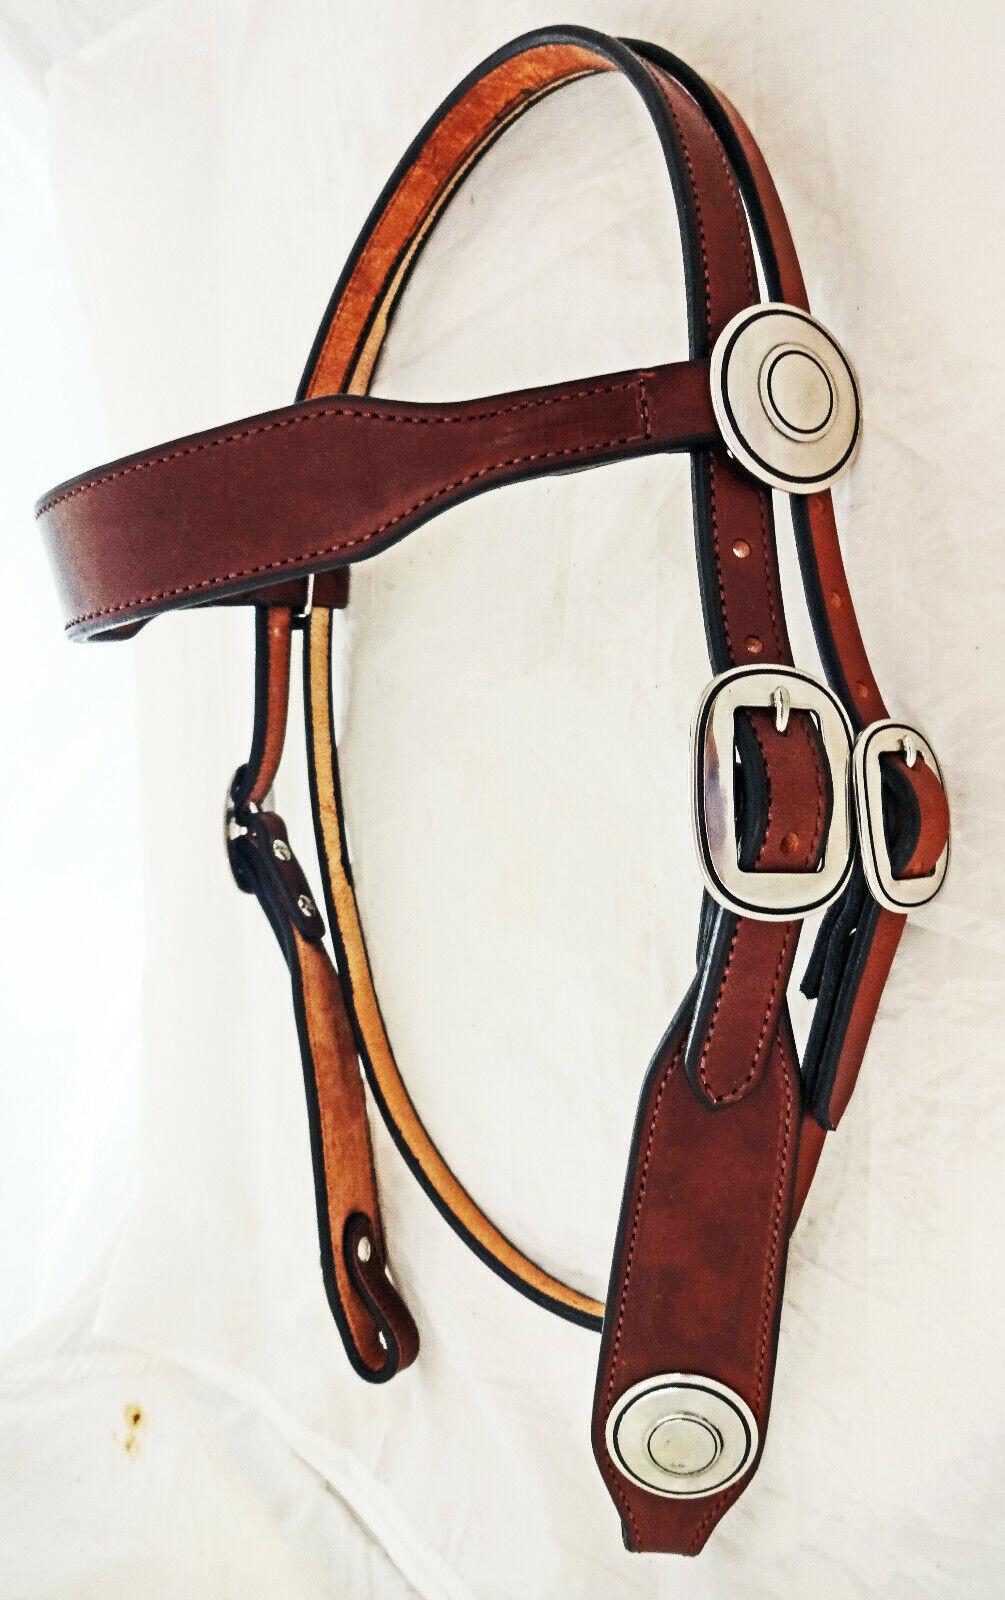 Rich Marronee IN PELLE DI DI DI CABLAGGIO Headsttutti Horse Tack JEREMIAH WATT Fibbie Conchos 39e